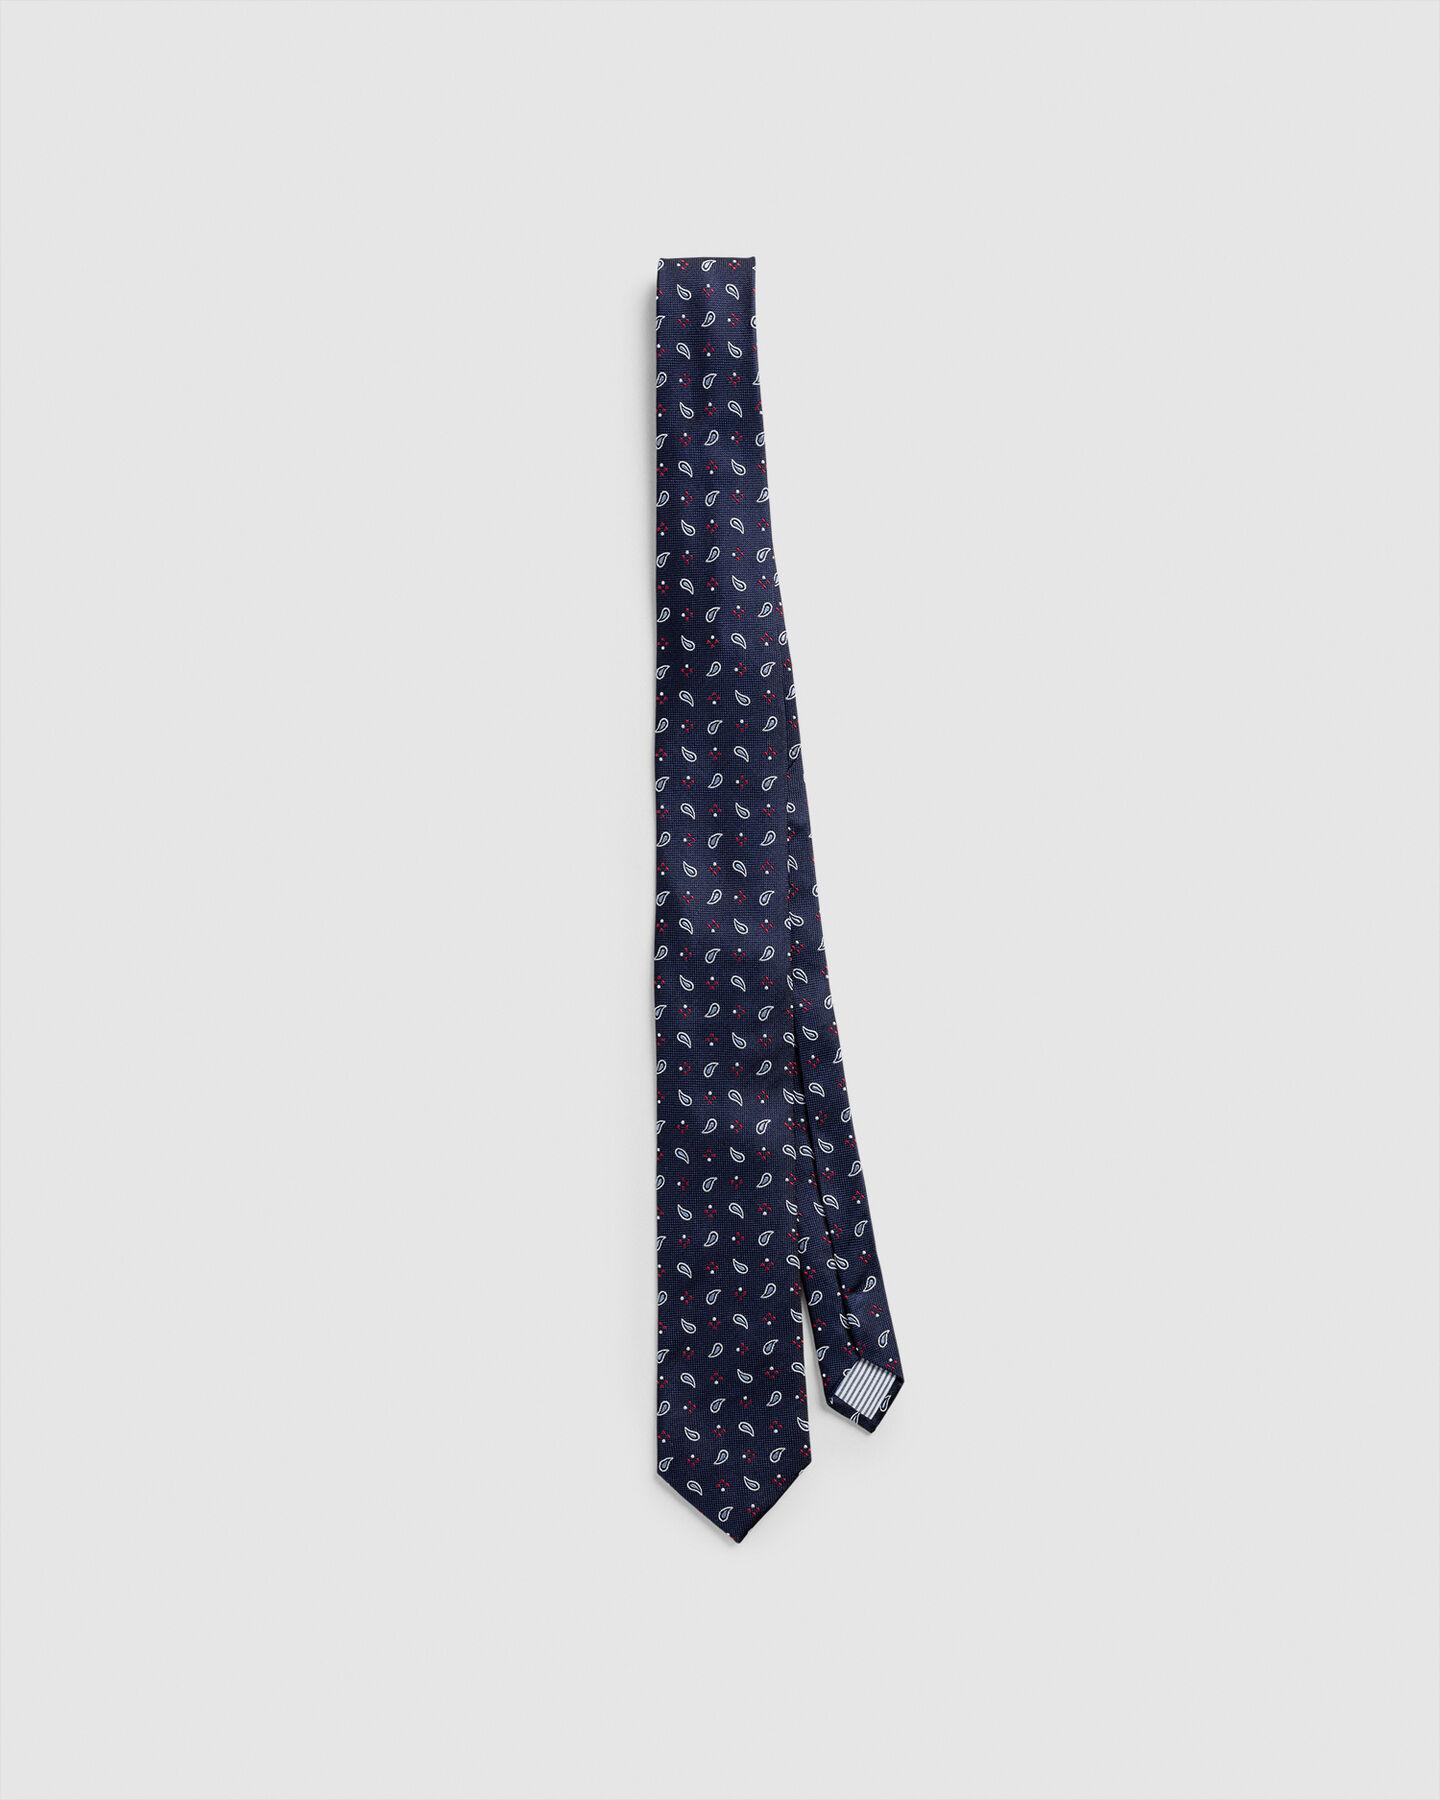 Krawatte mit Paisley-Muster